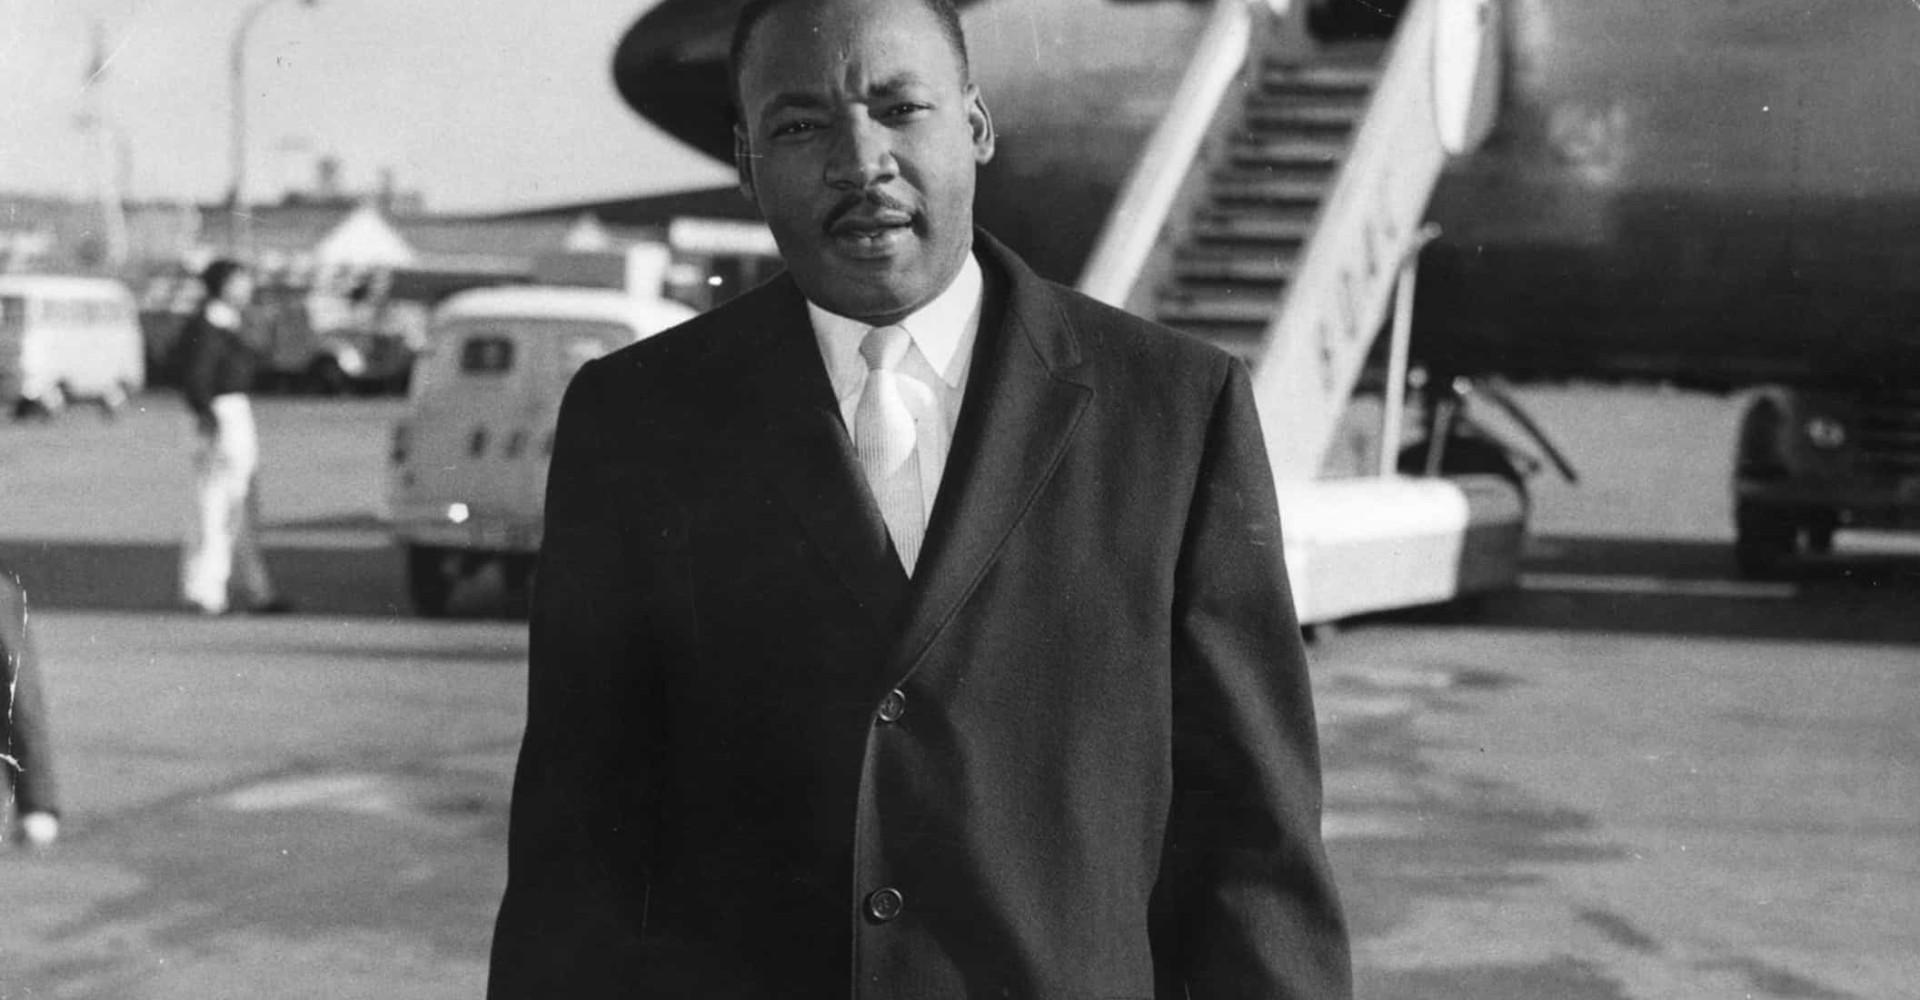 En varig arv: En hyllest til Martin Luther King på 51-årsdagen for hans død